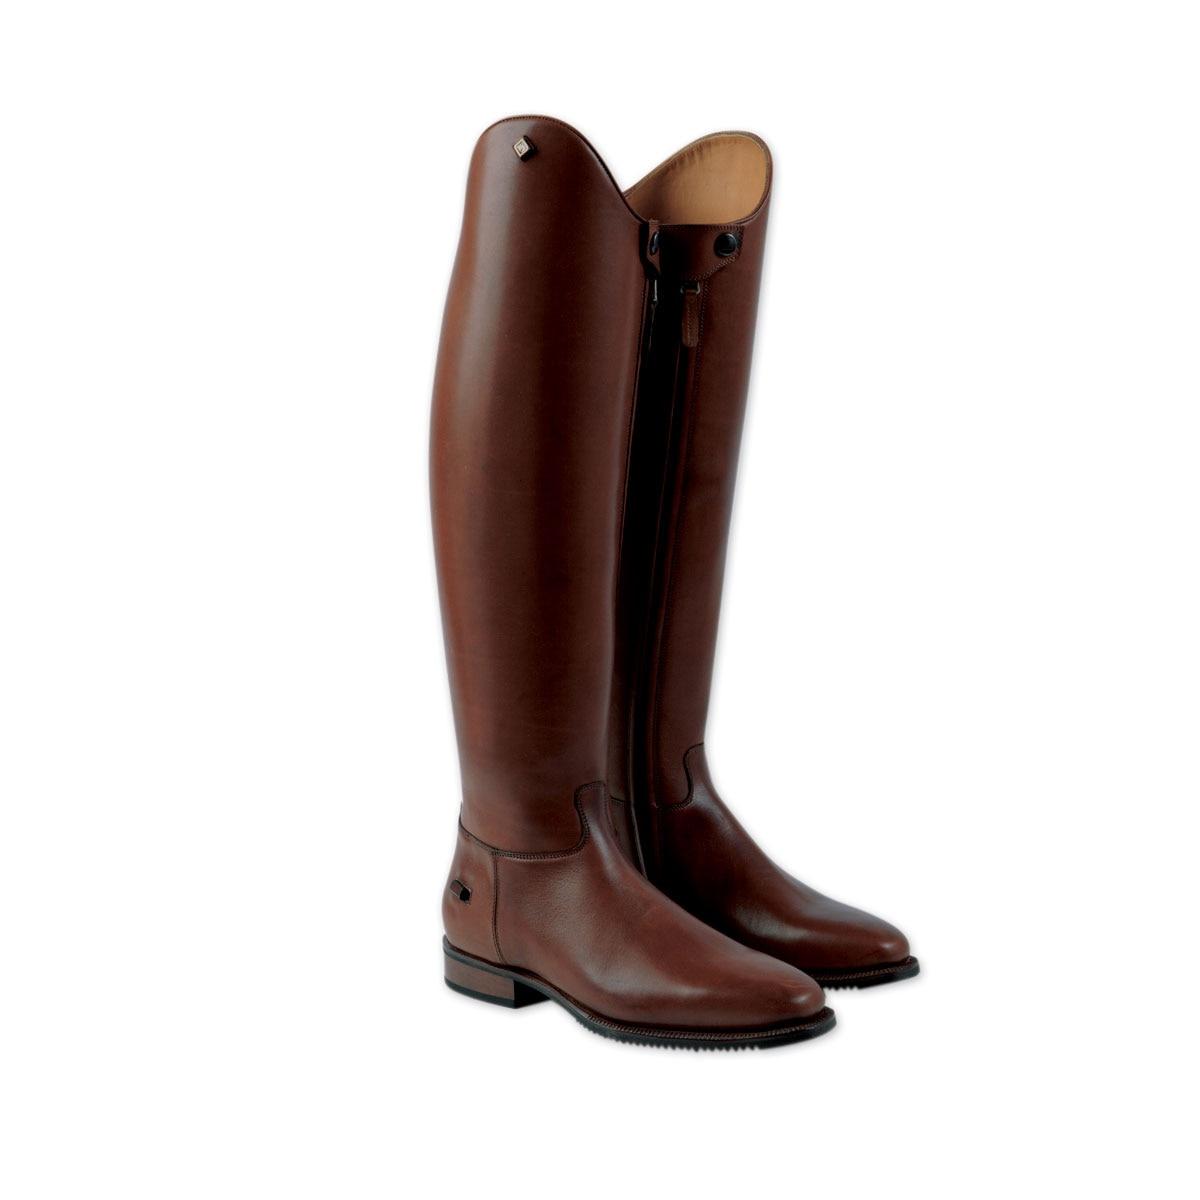 DeNiro Dressage Boot - Brown